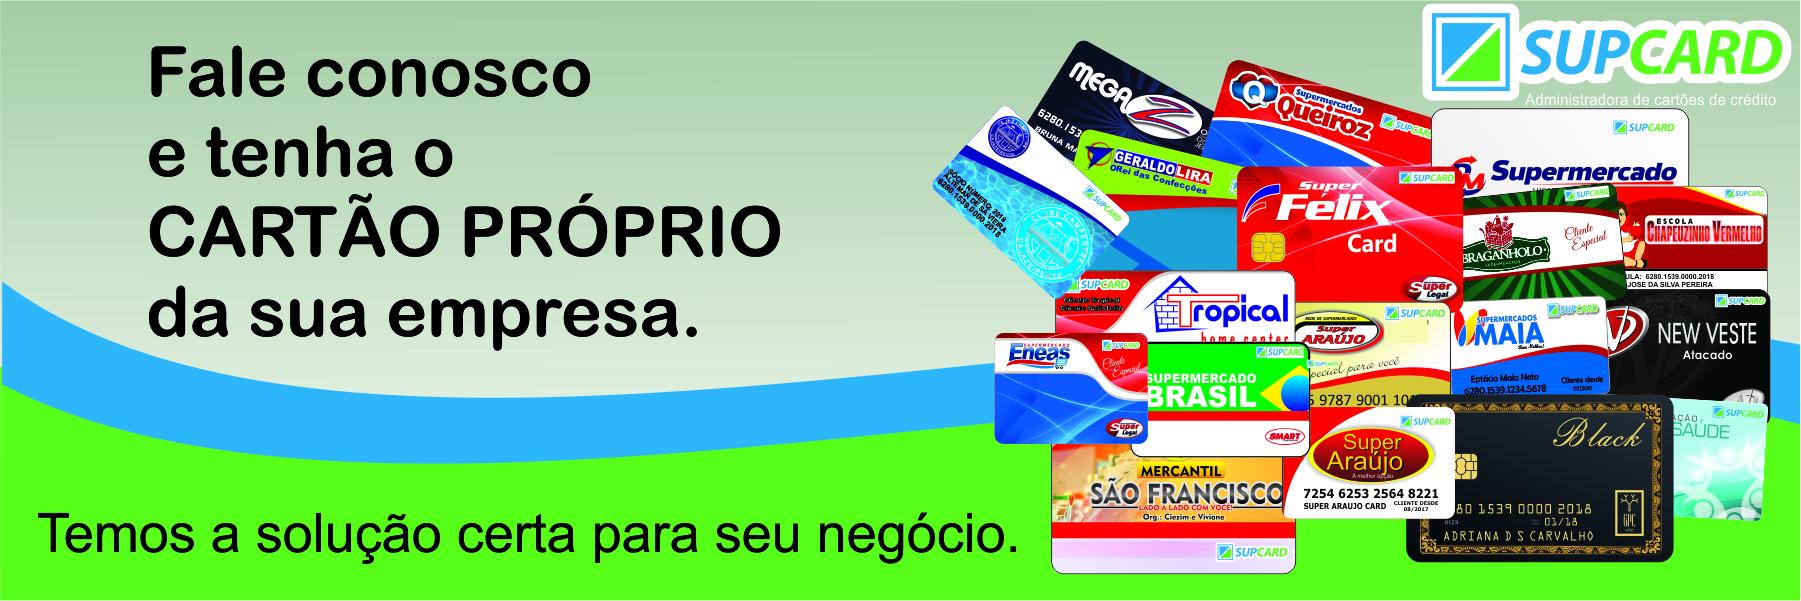 clientes supcard